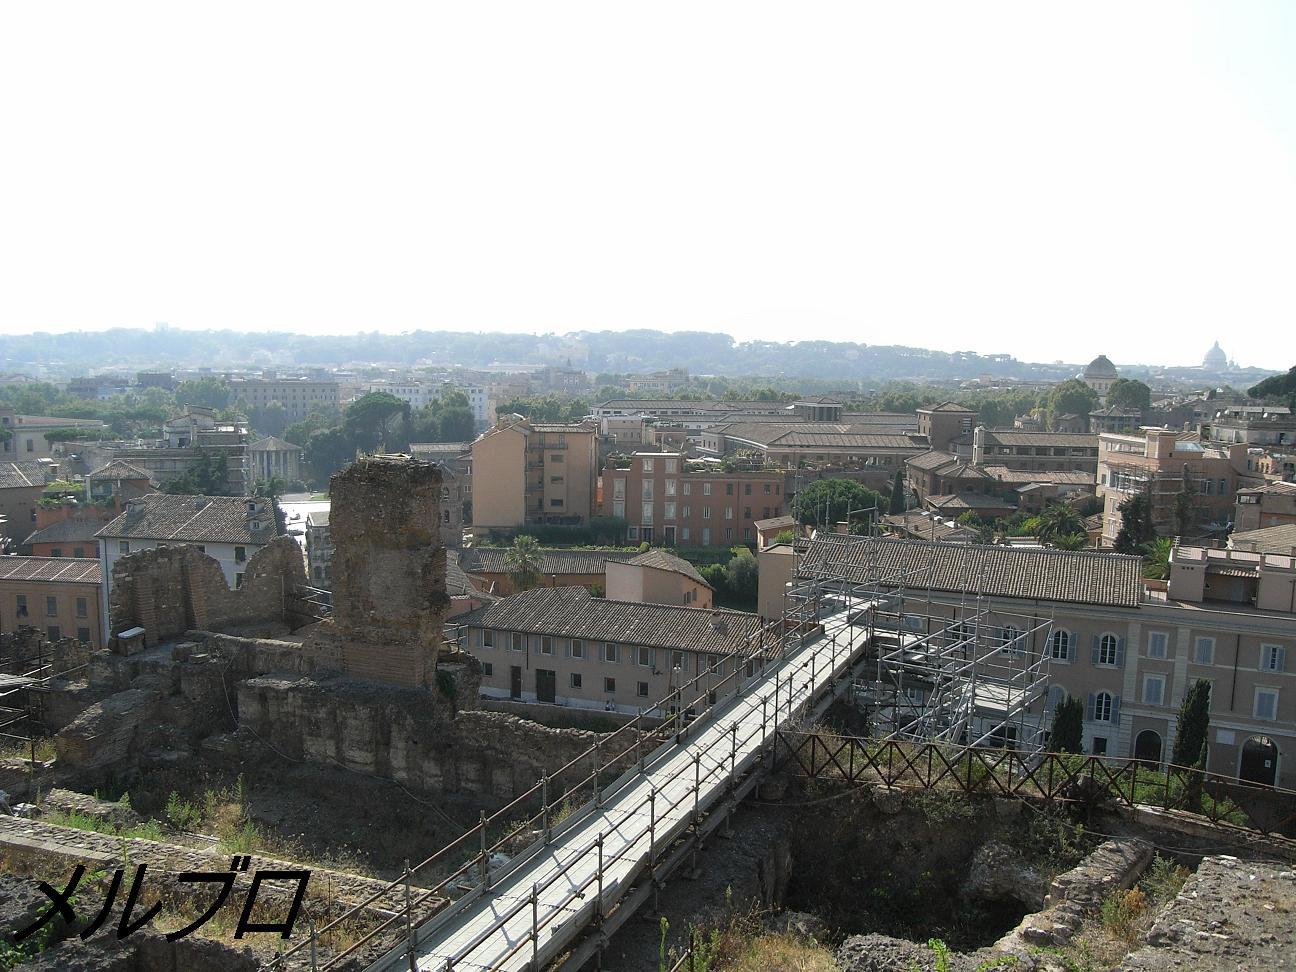 ジャニコロの丘とサン・ピエトロ